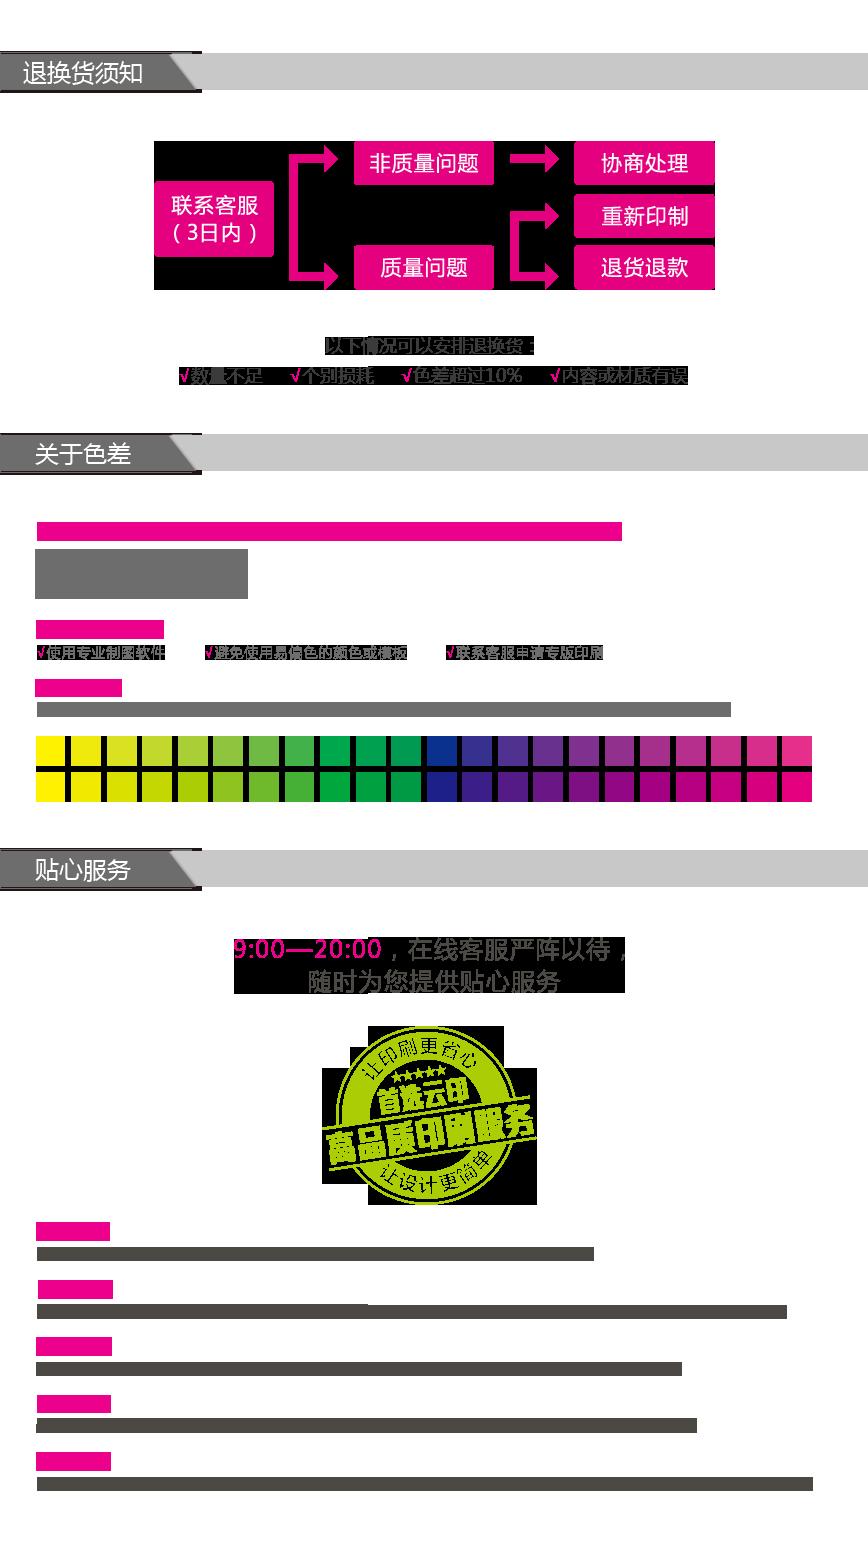 噴繪海報印刷、制作下單流程圖。ininin_service